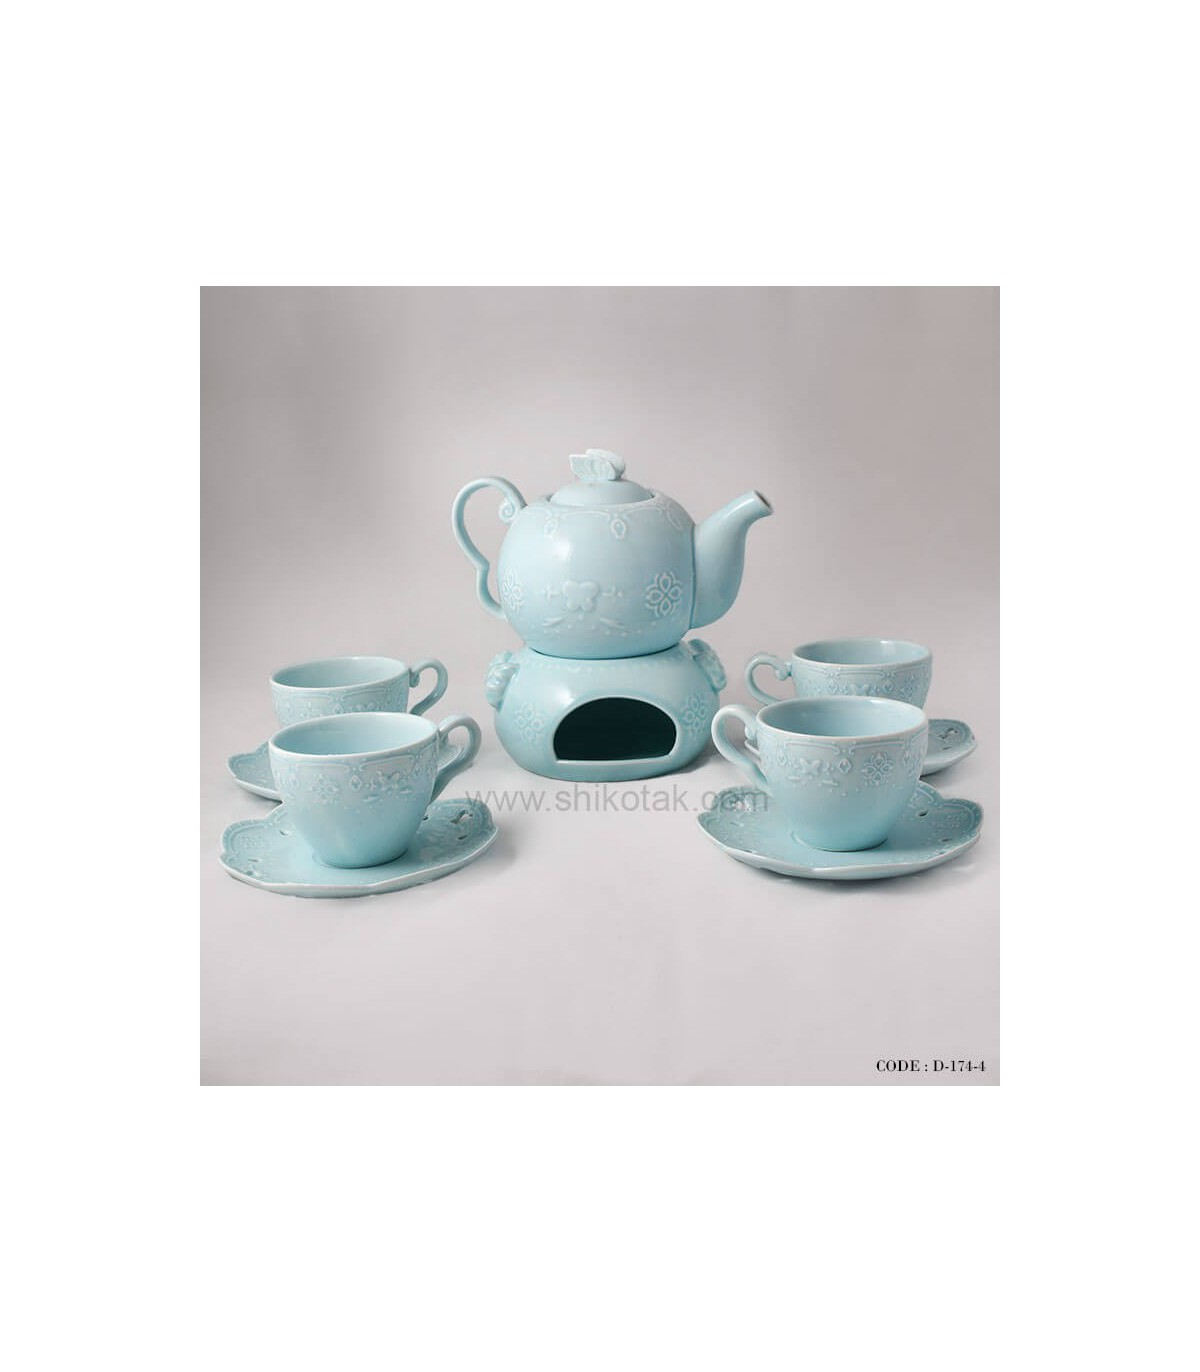 ست چای خوری 11پارچه